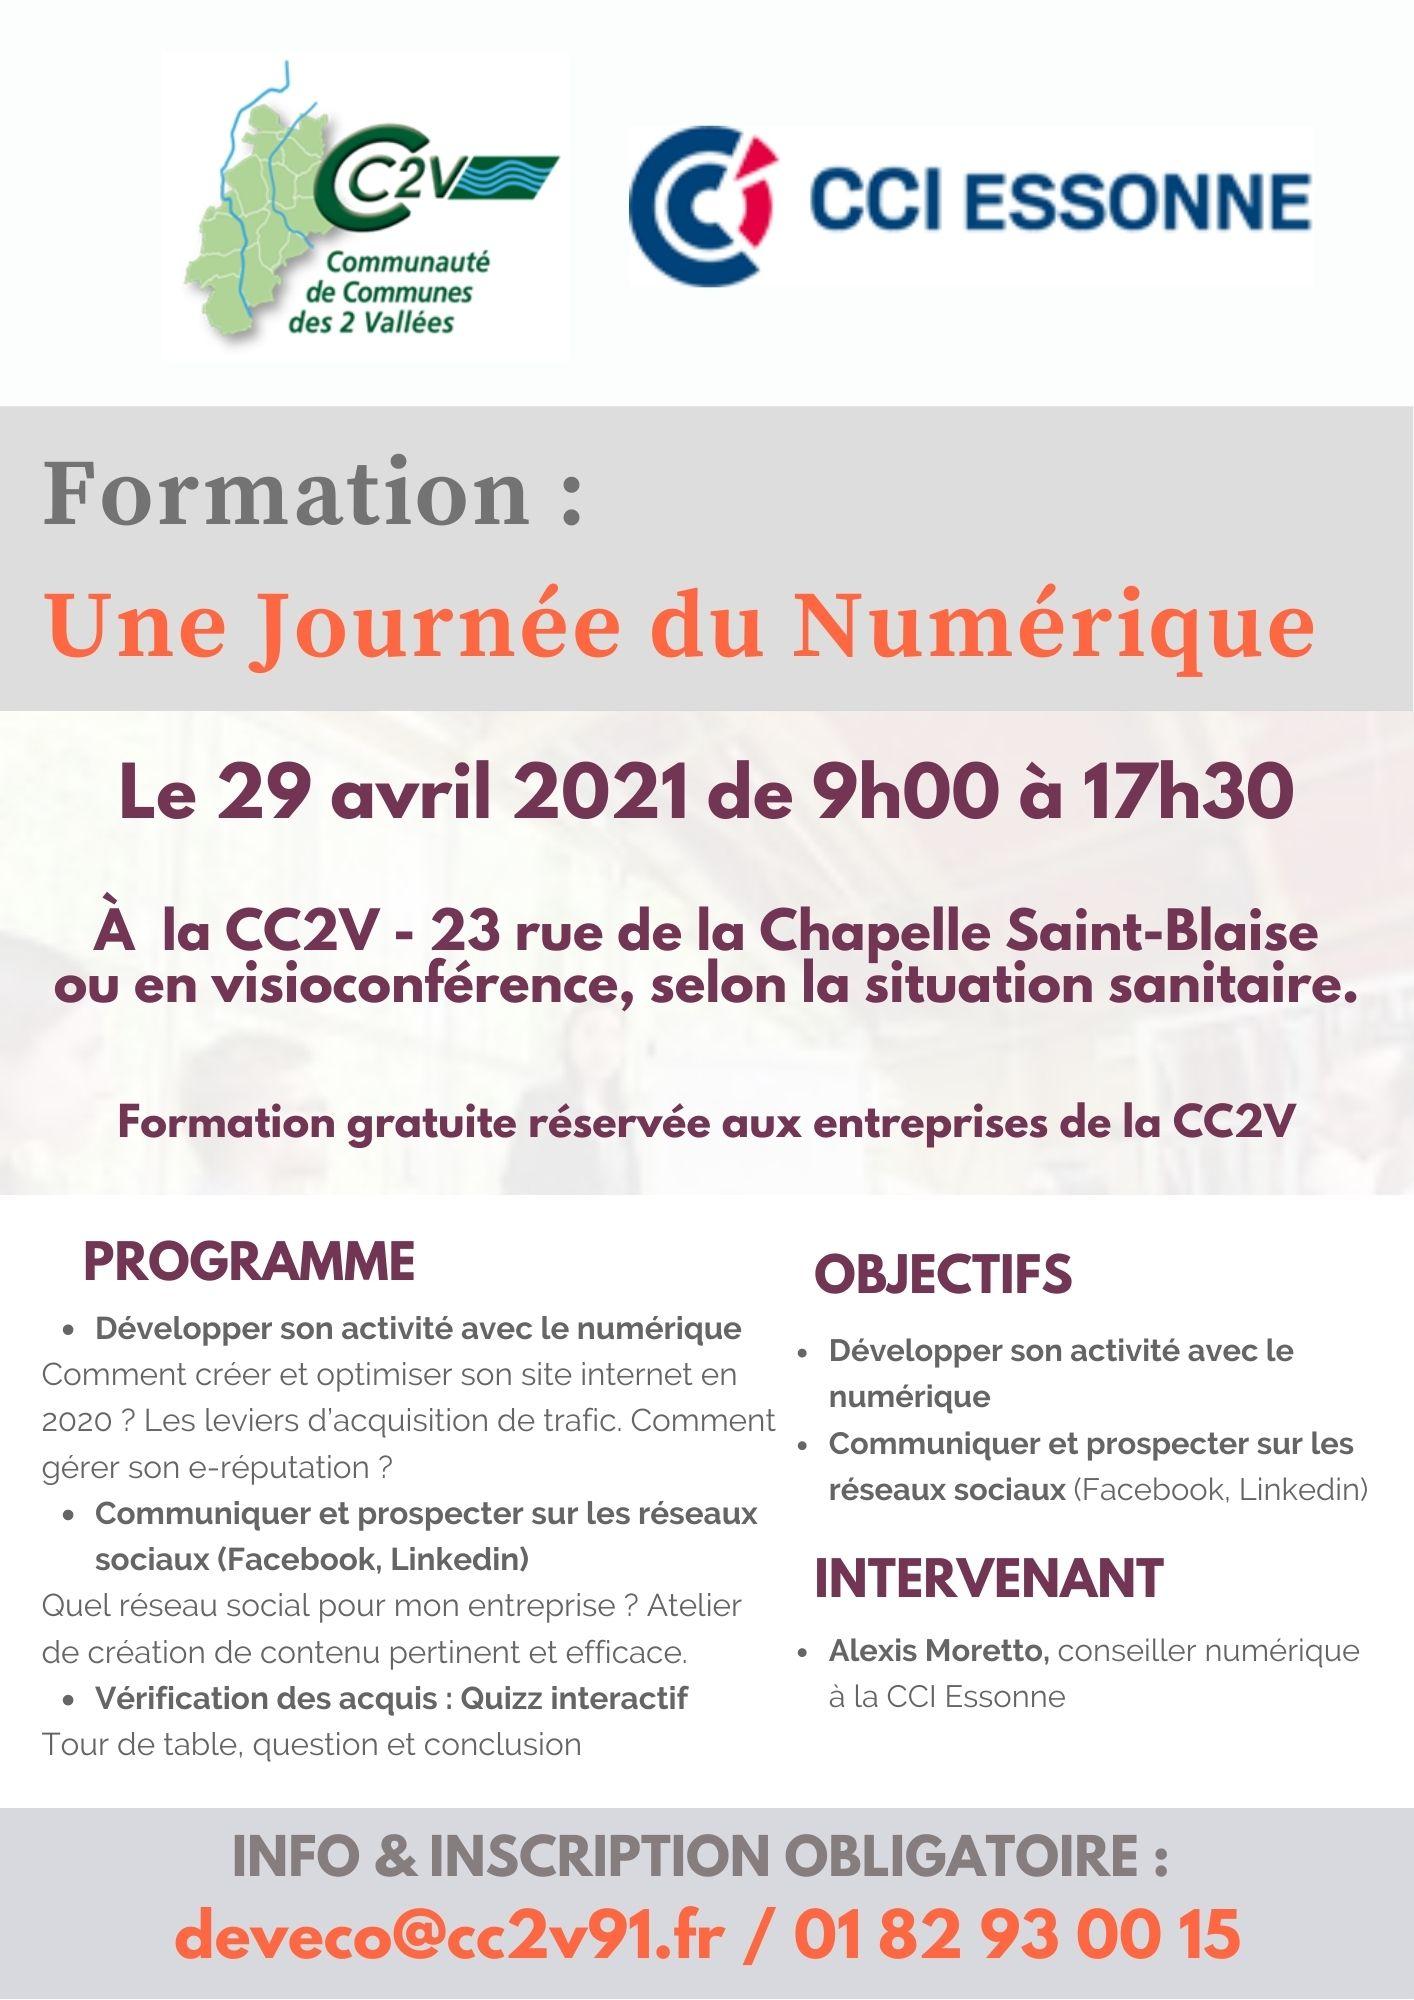 CC2V_Visuel Formation - Une journée du numérique 29 04 2021.jpg